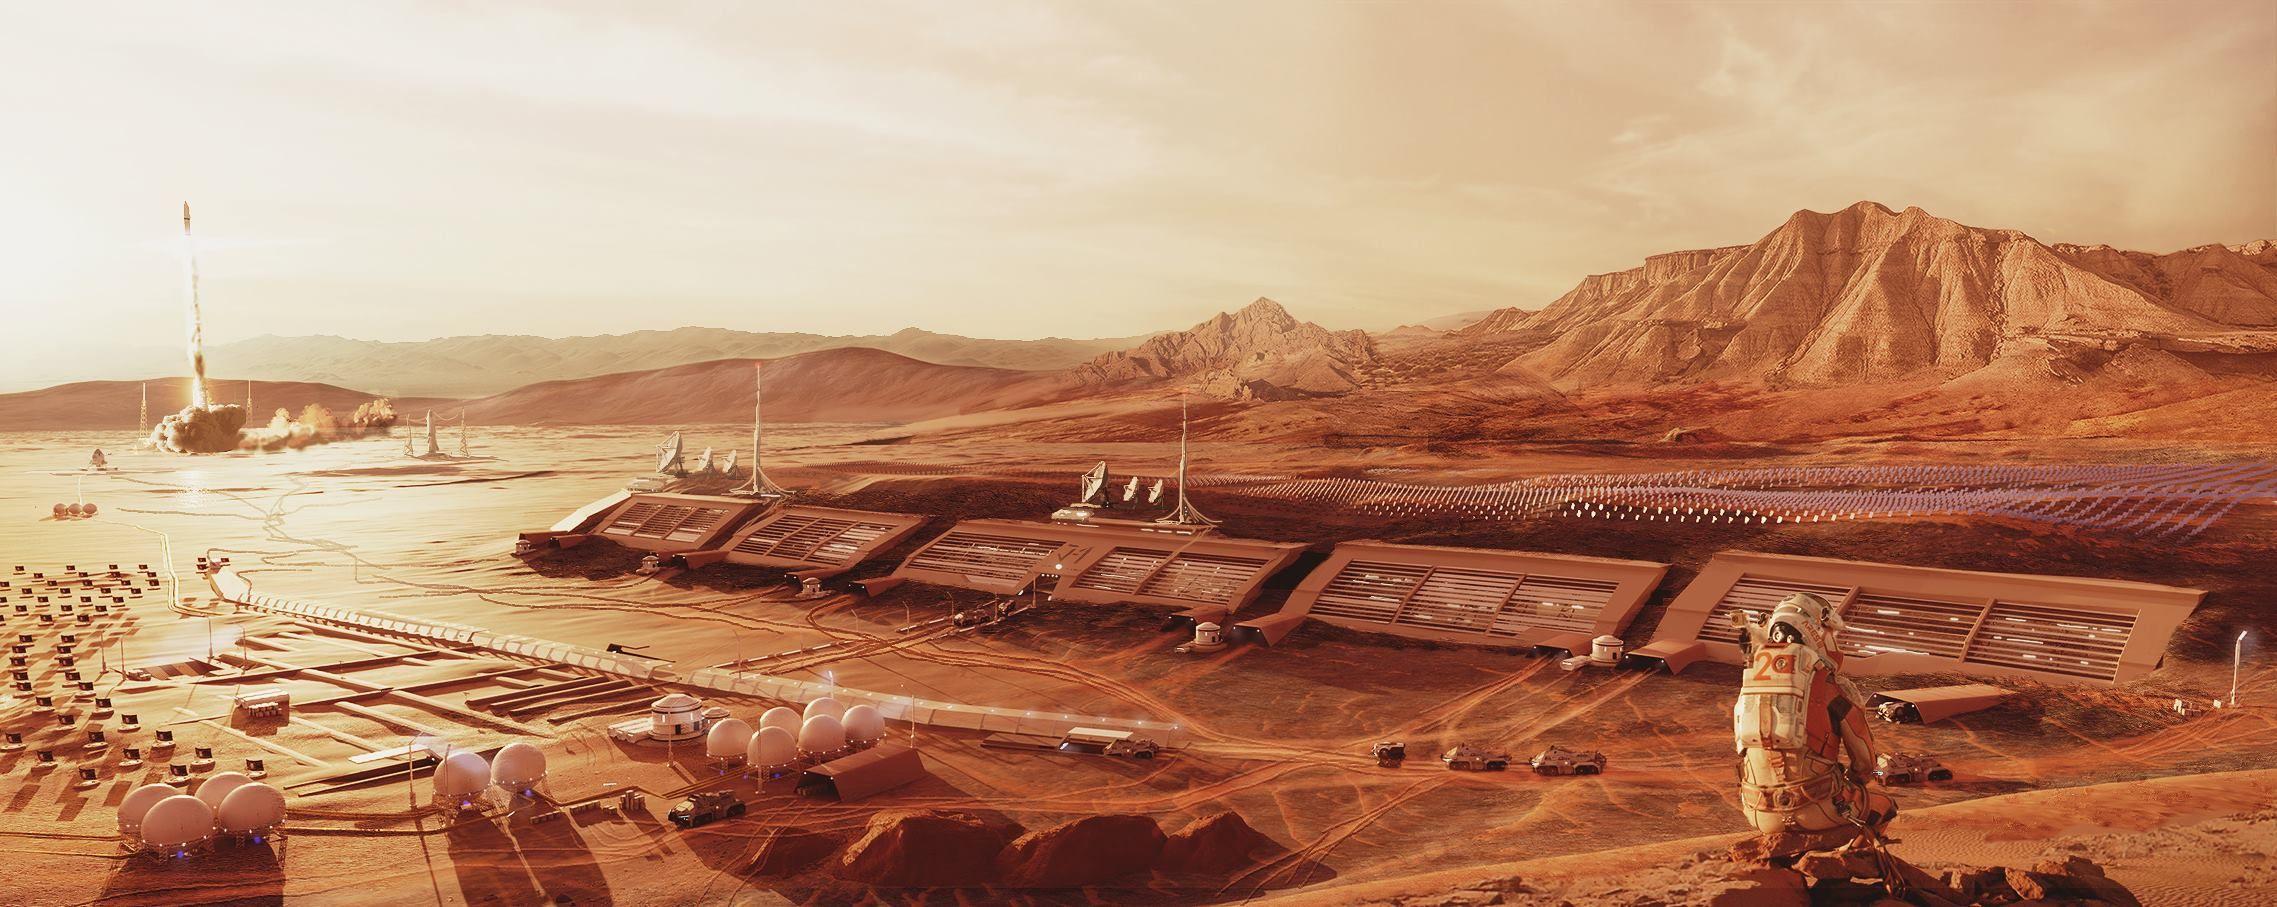 Ze względu na wyjątkowo szkodliwe promieniowanie kosmiczne większa część habitatu została umieszczona pod gruntem. W niedalekiej odległości od kolonii umieszczono lądowisko dla rakiet.